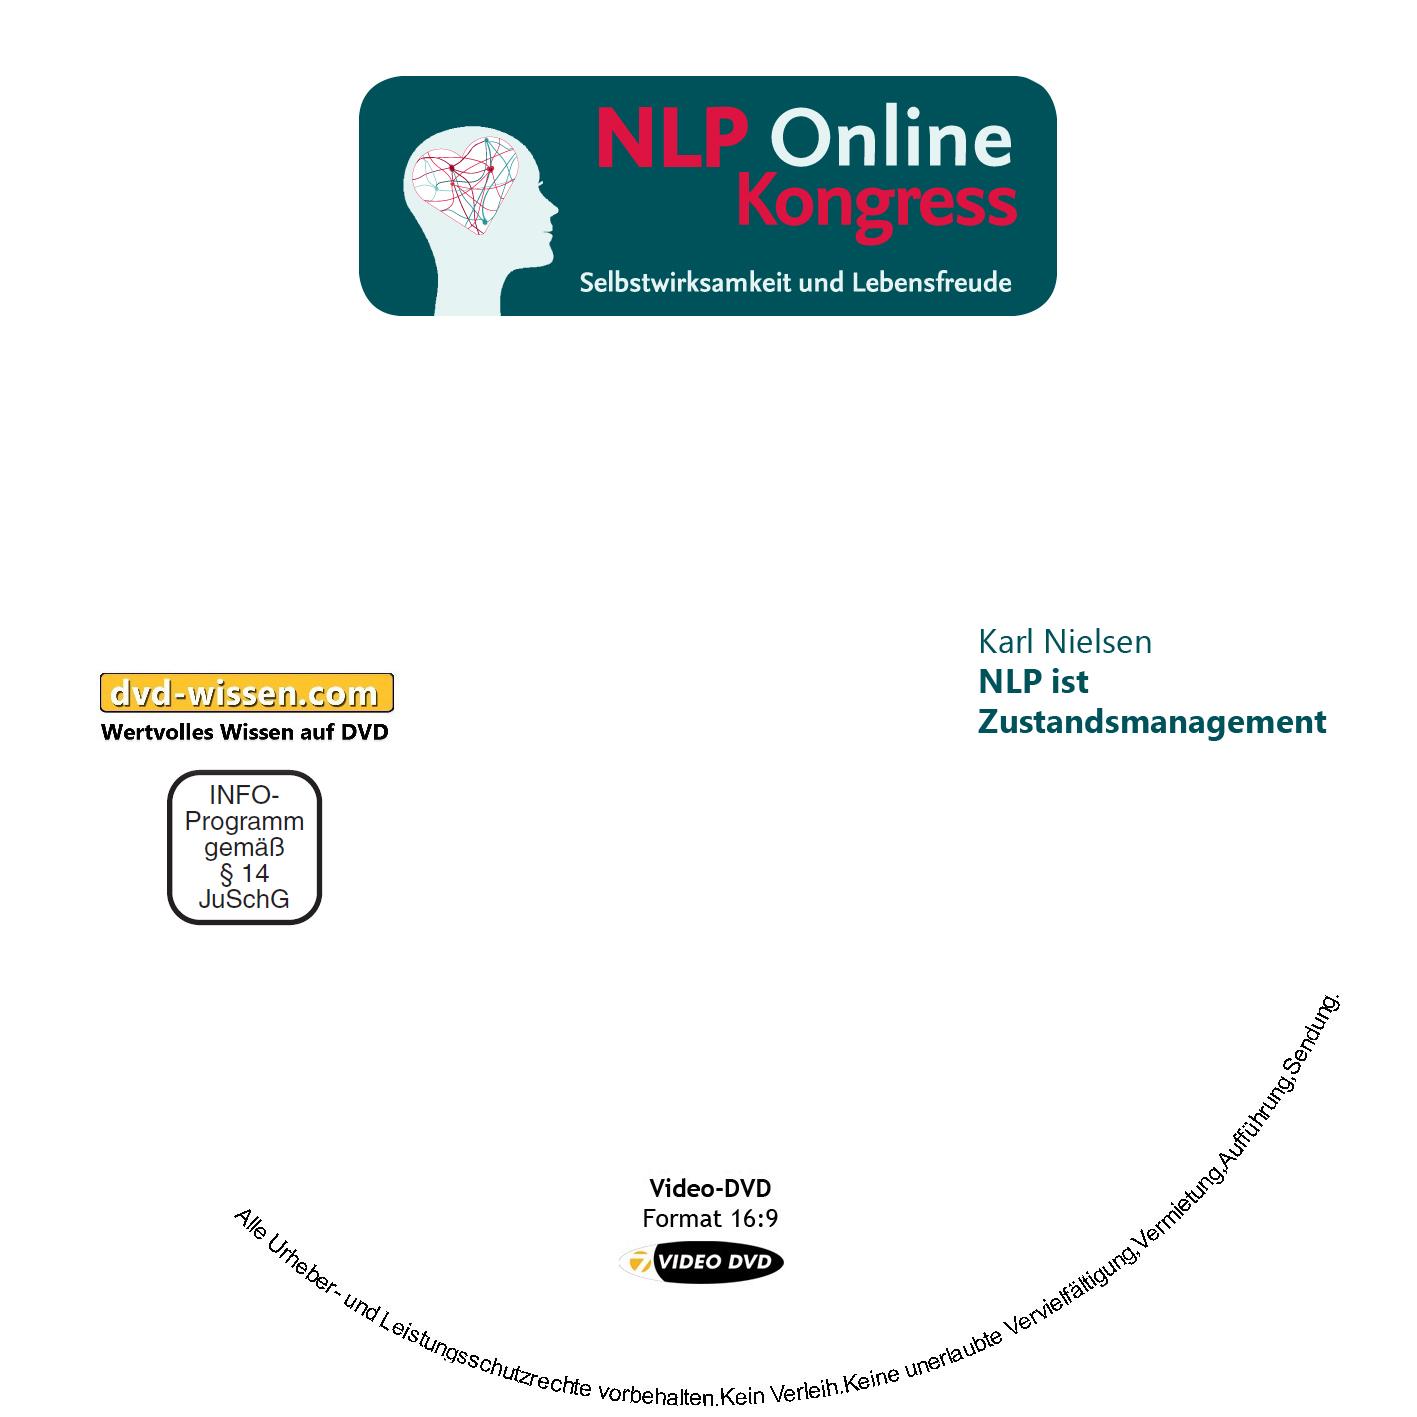 Karl Nielsen: NLP ist Zustandsmanagement